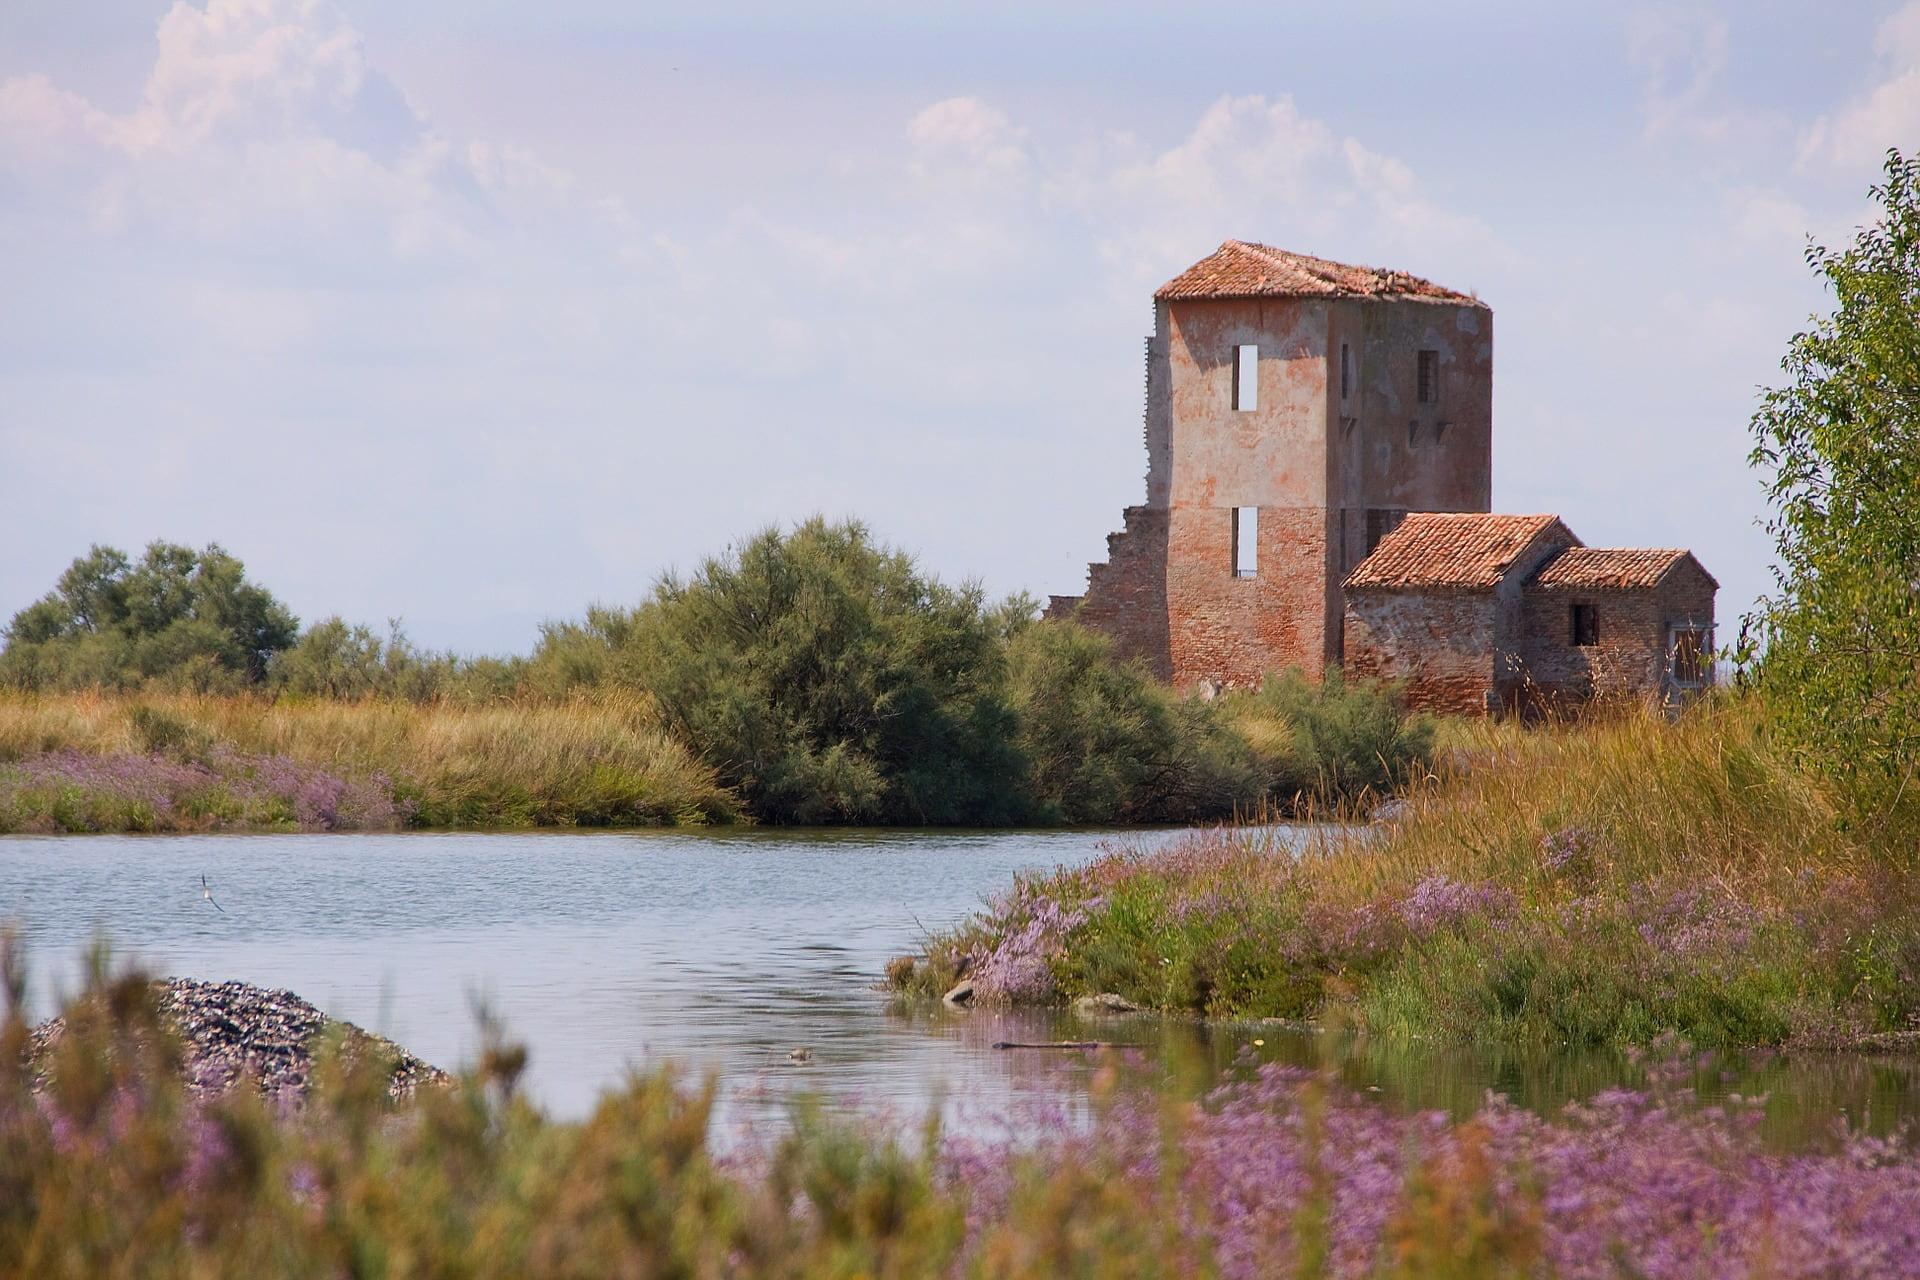 Un edificio abbandonato nella completa tranquillità della natura rigogliosa e antestante ad un ruscello d'acqua. La provincia di ferrara nasconde tante belle destinazioni proprio come questa!